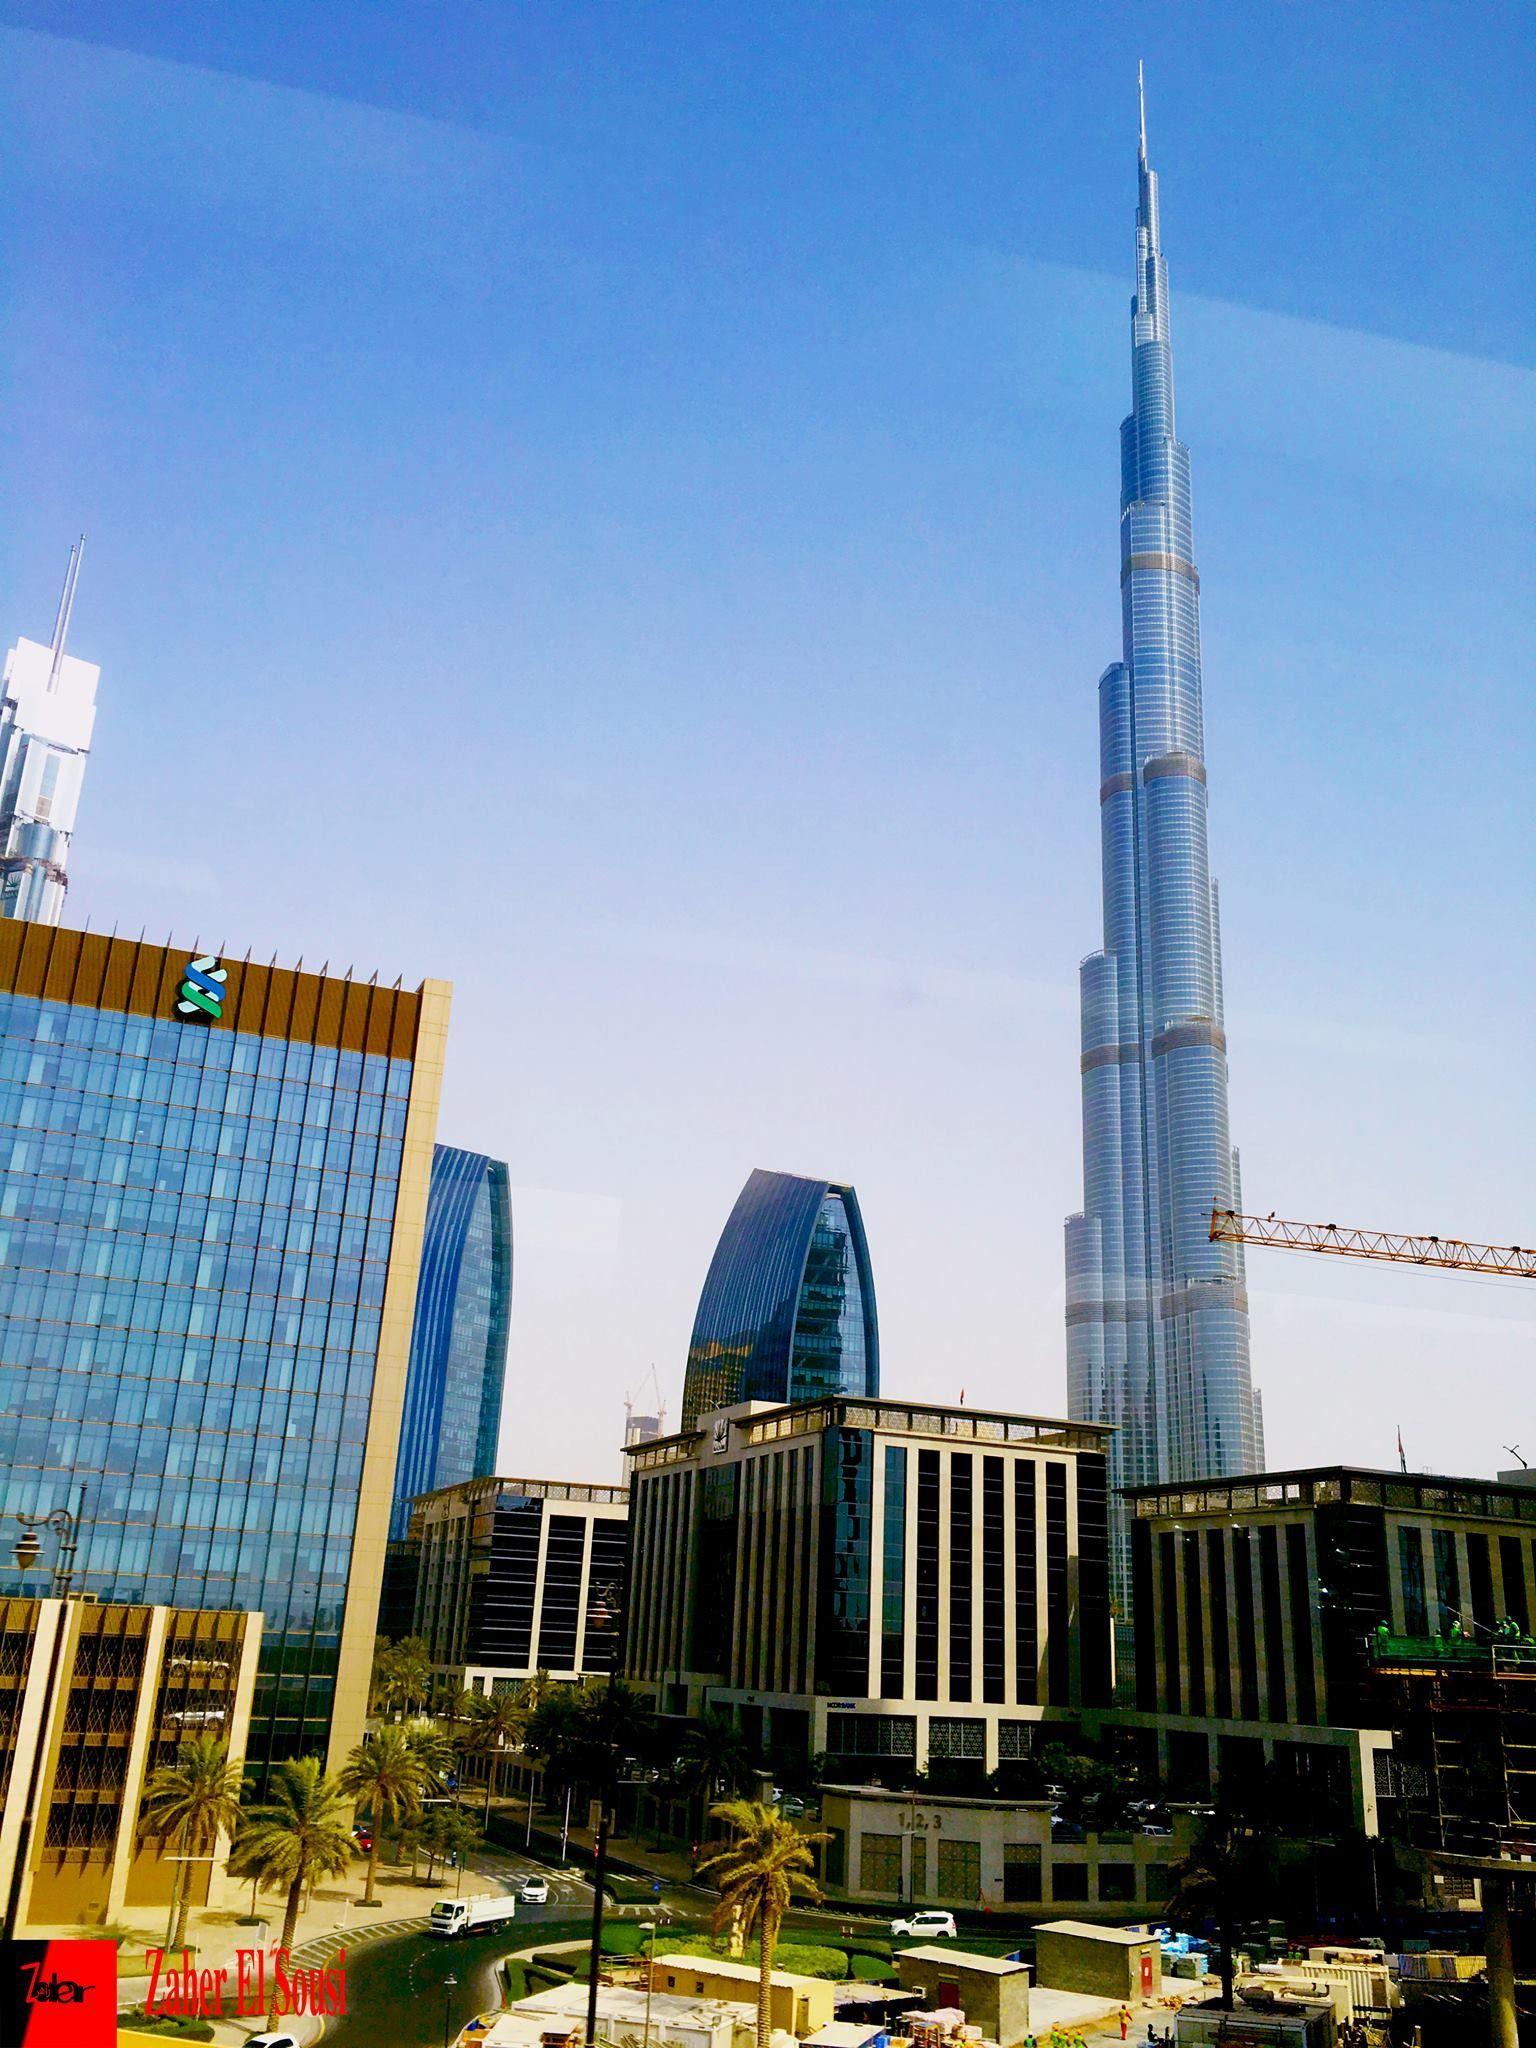 دبي من عدستي Dubai From My Lens Dubai Photo Dubai Landmarks